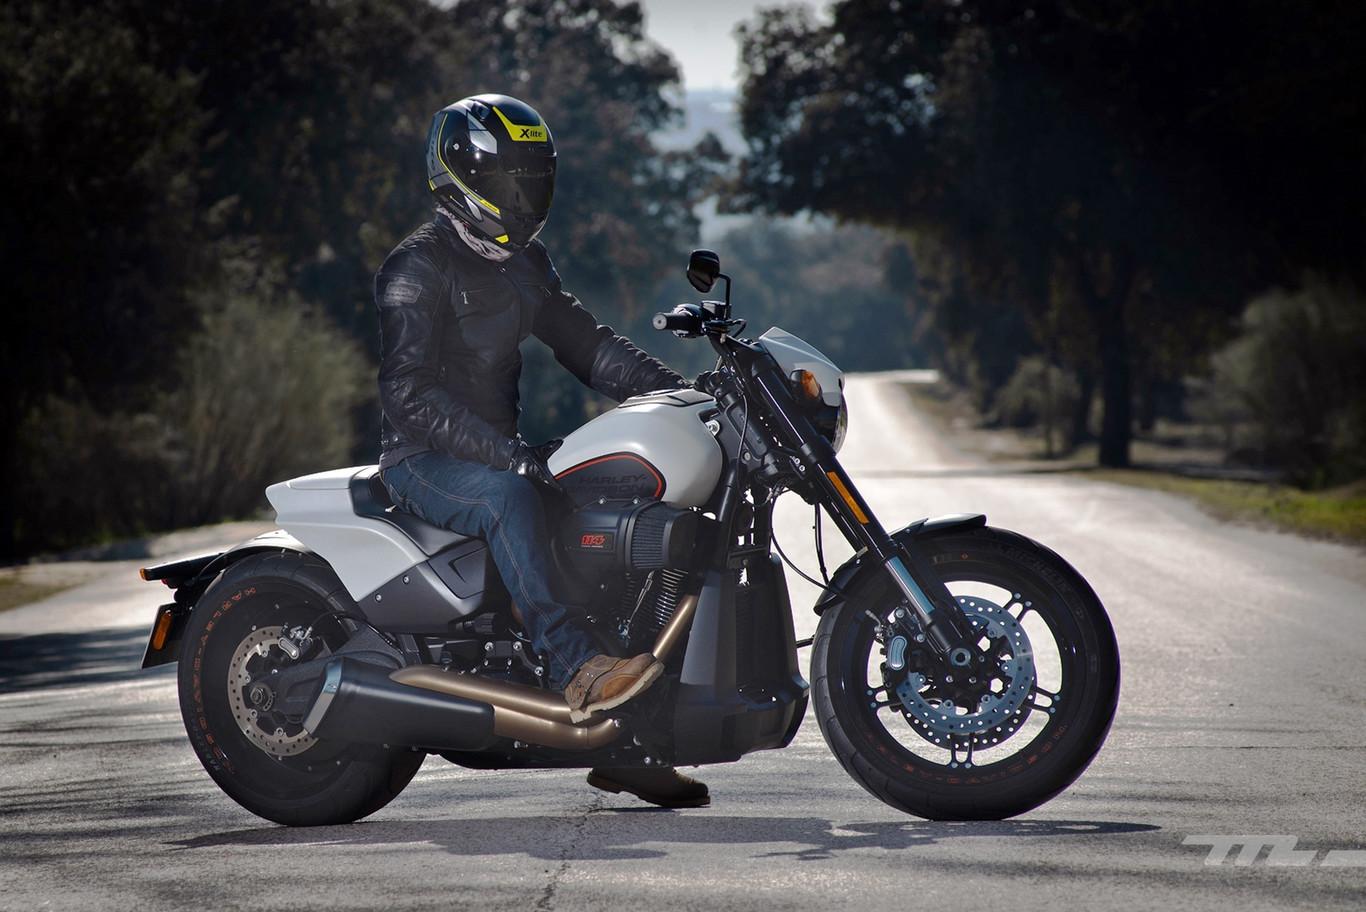 Bolsa casco Moto Gp   Redomoto   Todo lo que buscas en el mundo de la motocicleta